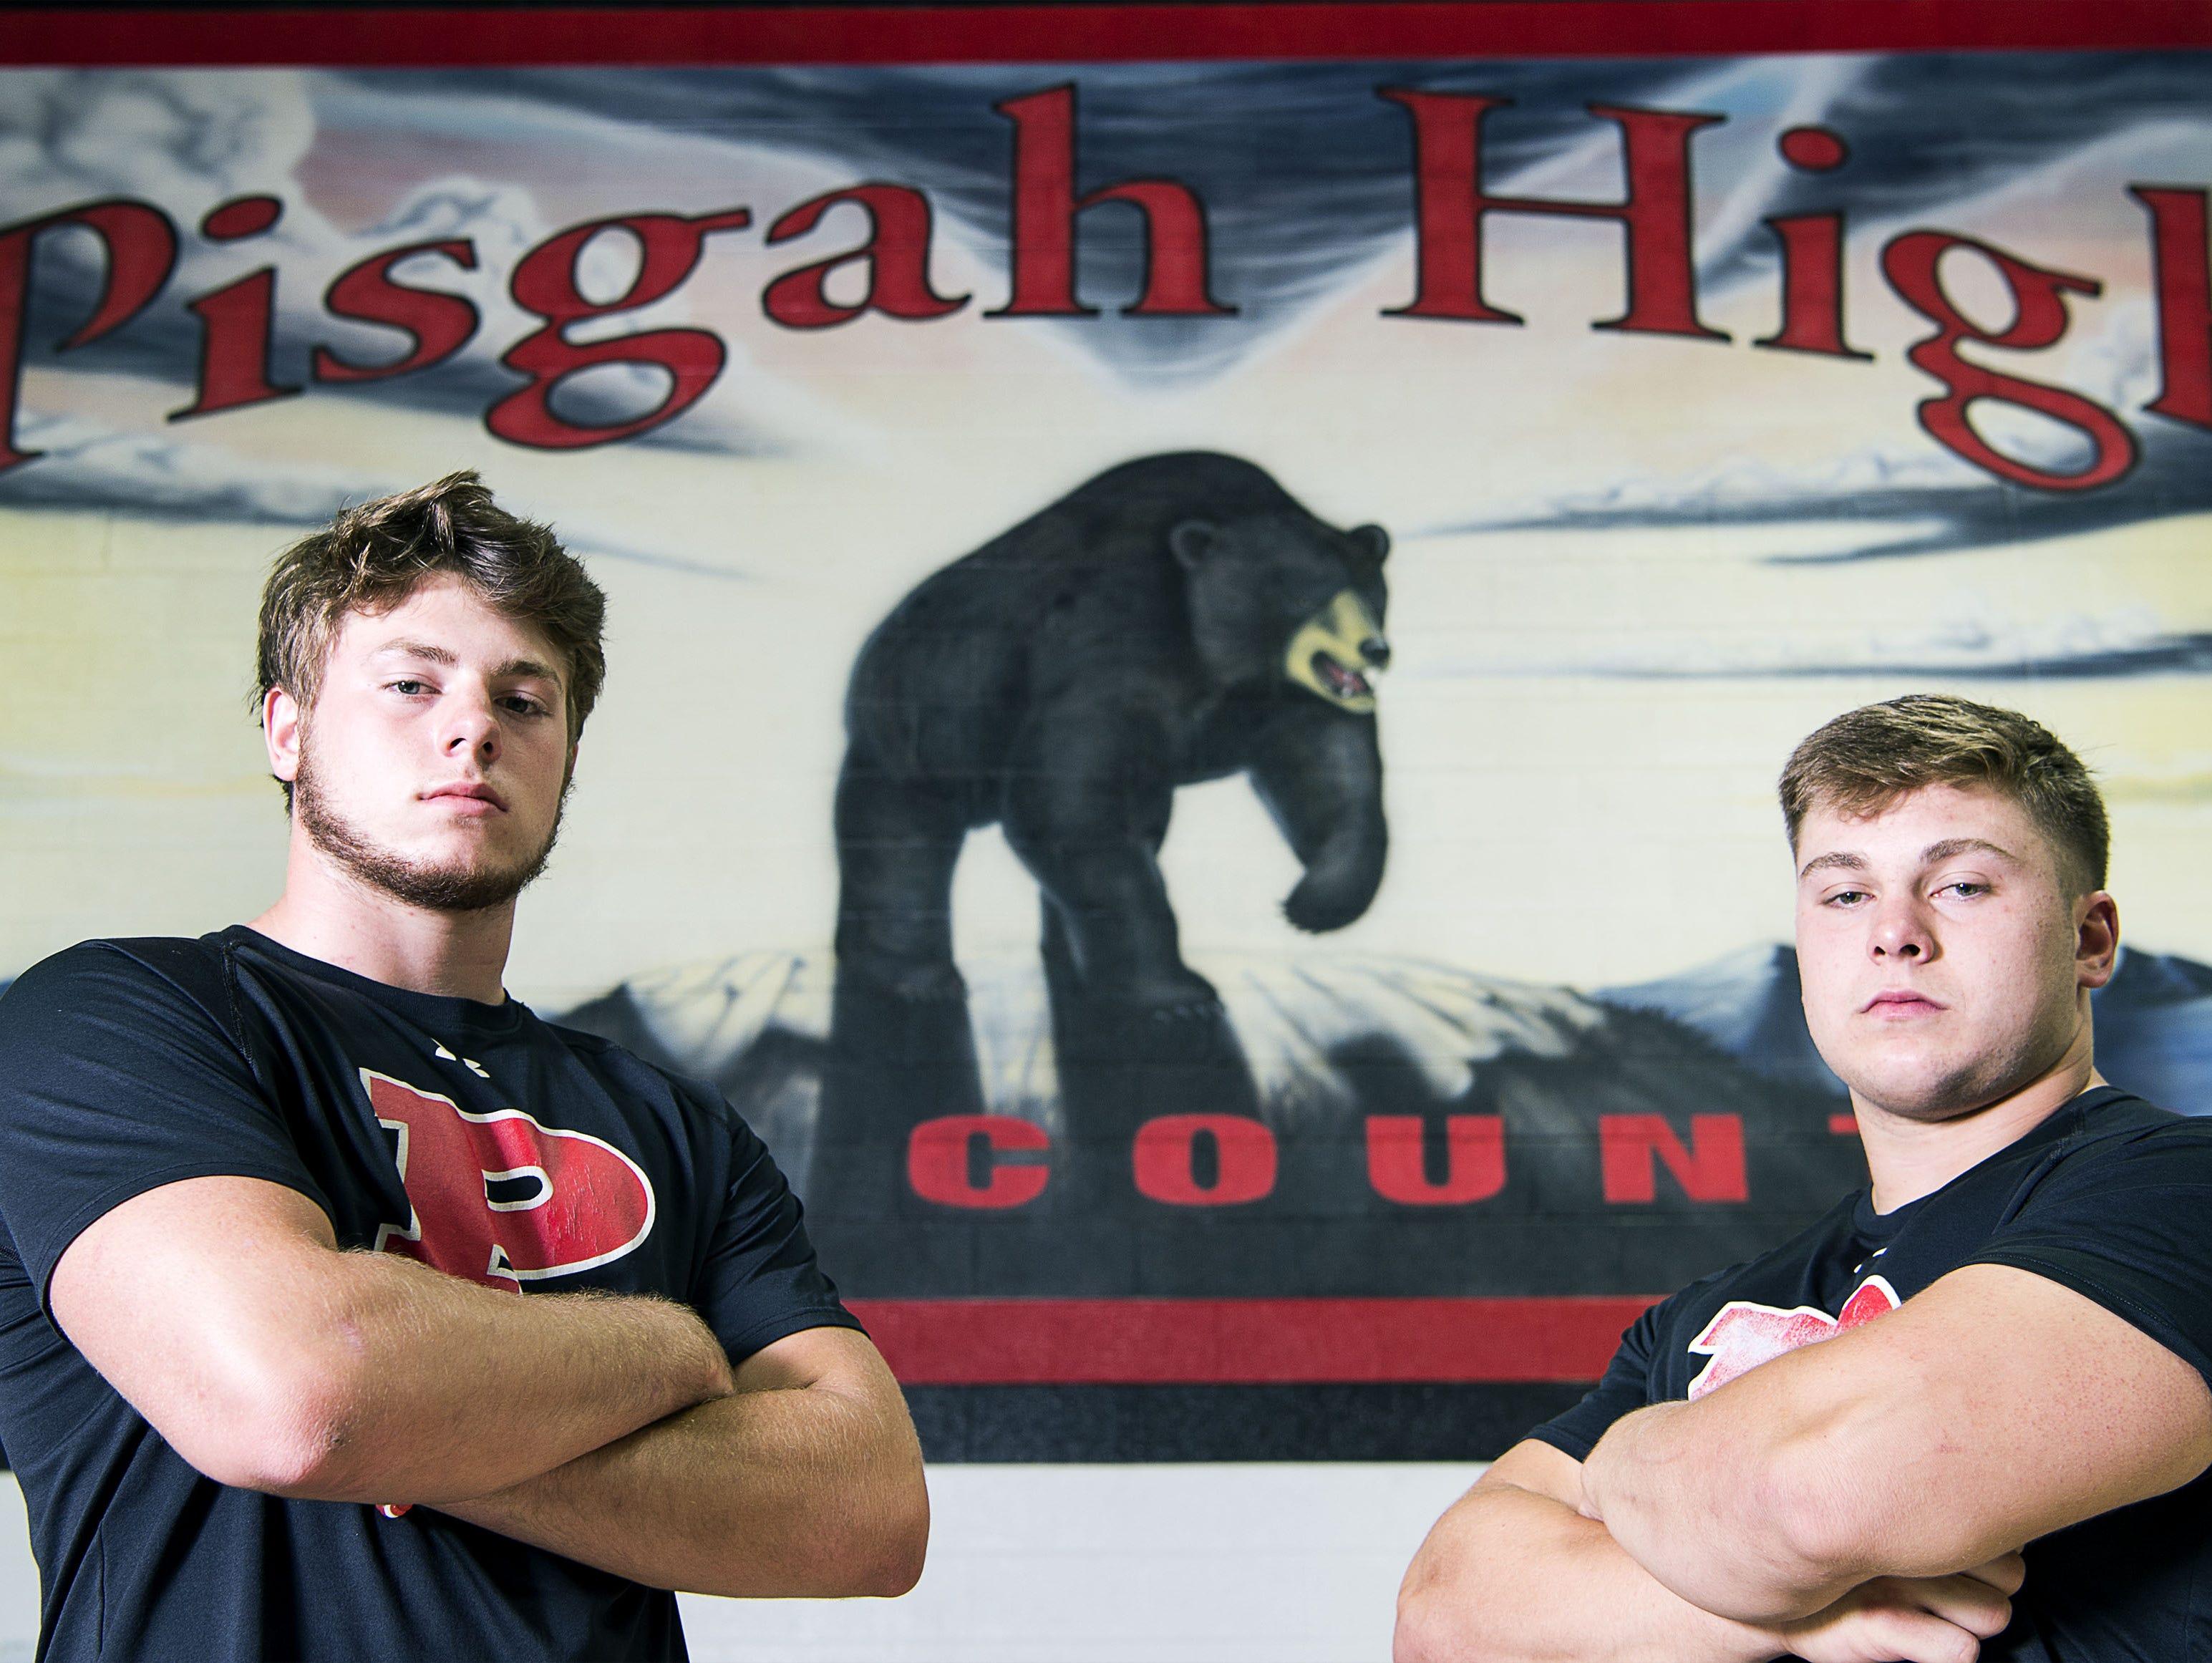 Pisgah's Trey Morgan, left, and Michael Parrott.